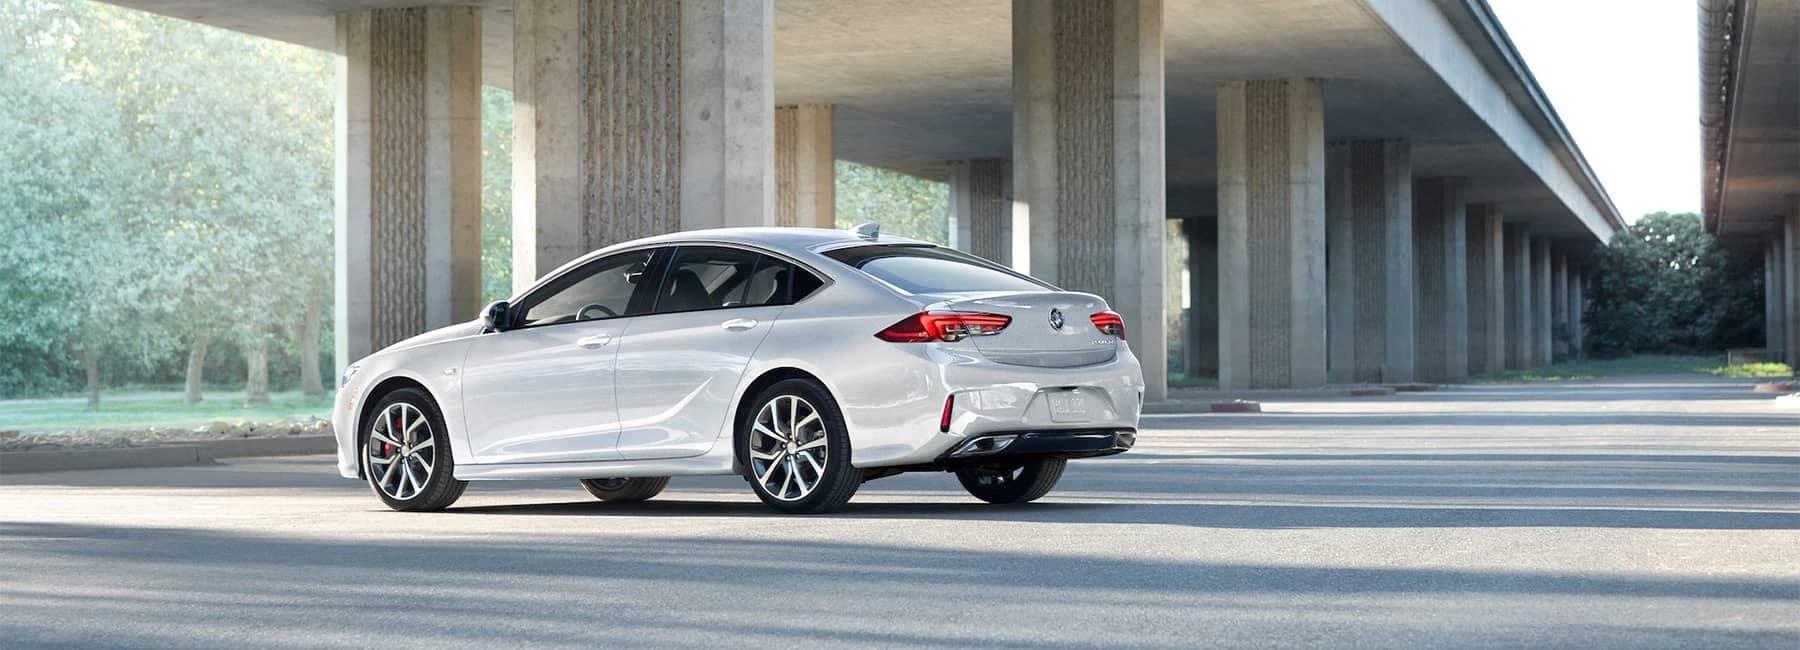 2020 Buick Regal GS Mid-Size Luxury Sedan rear corner view